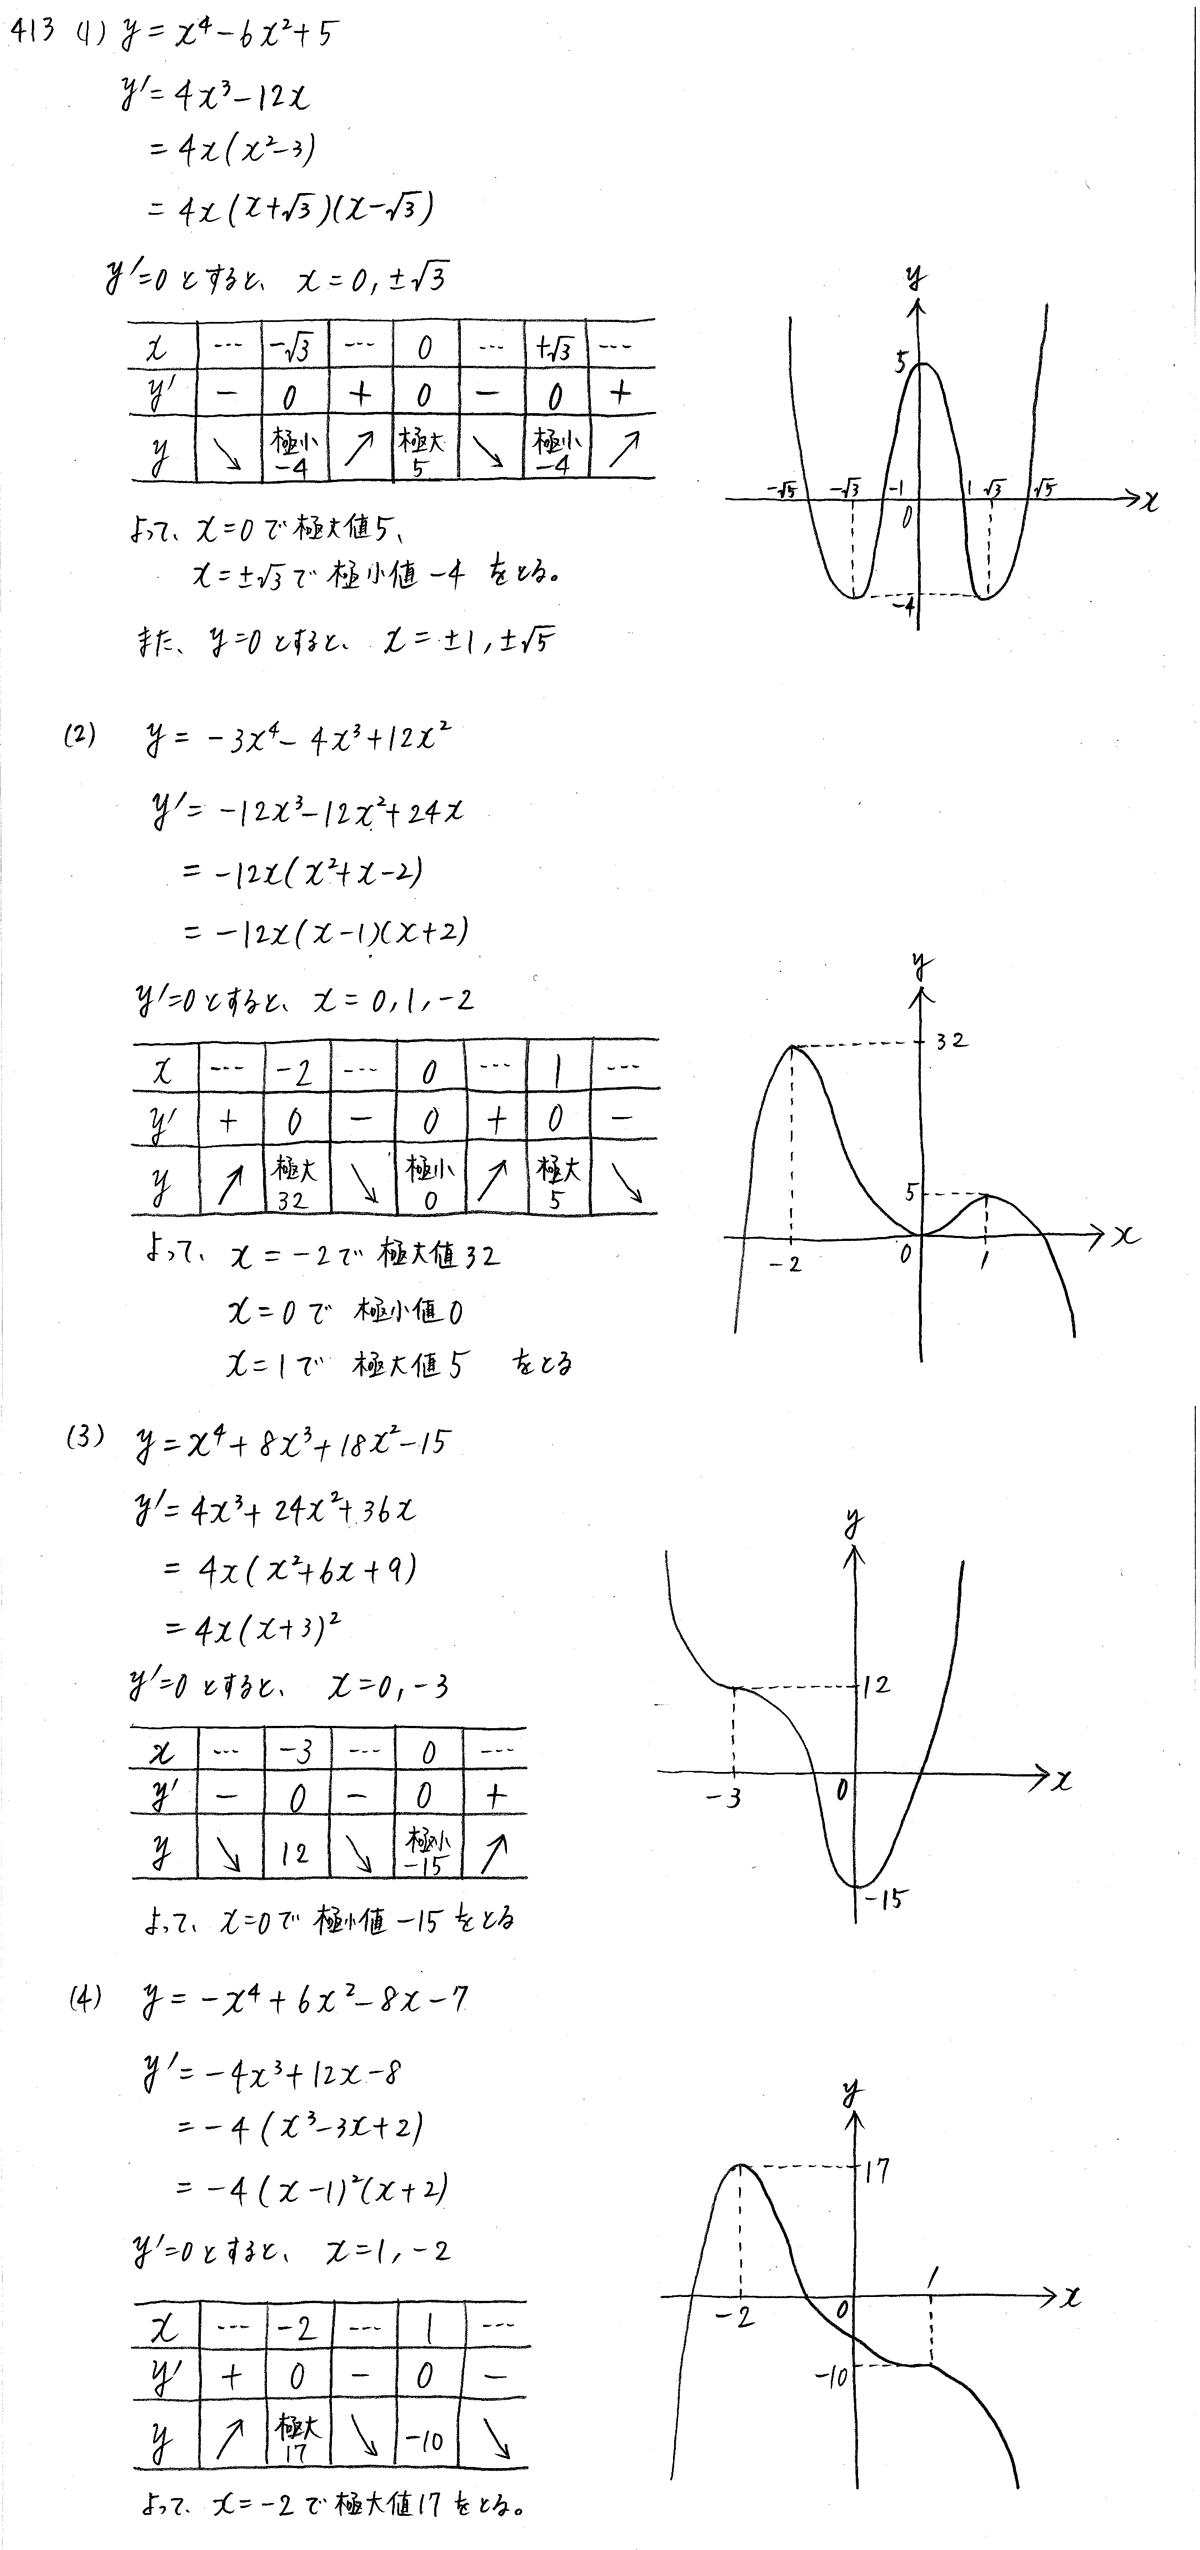 クリアー数学2-413解答